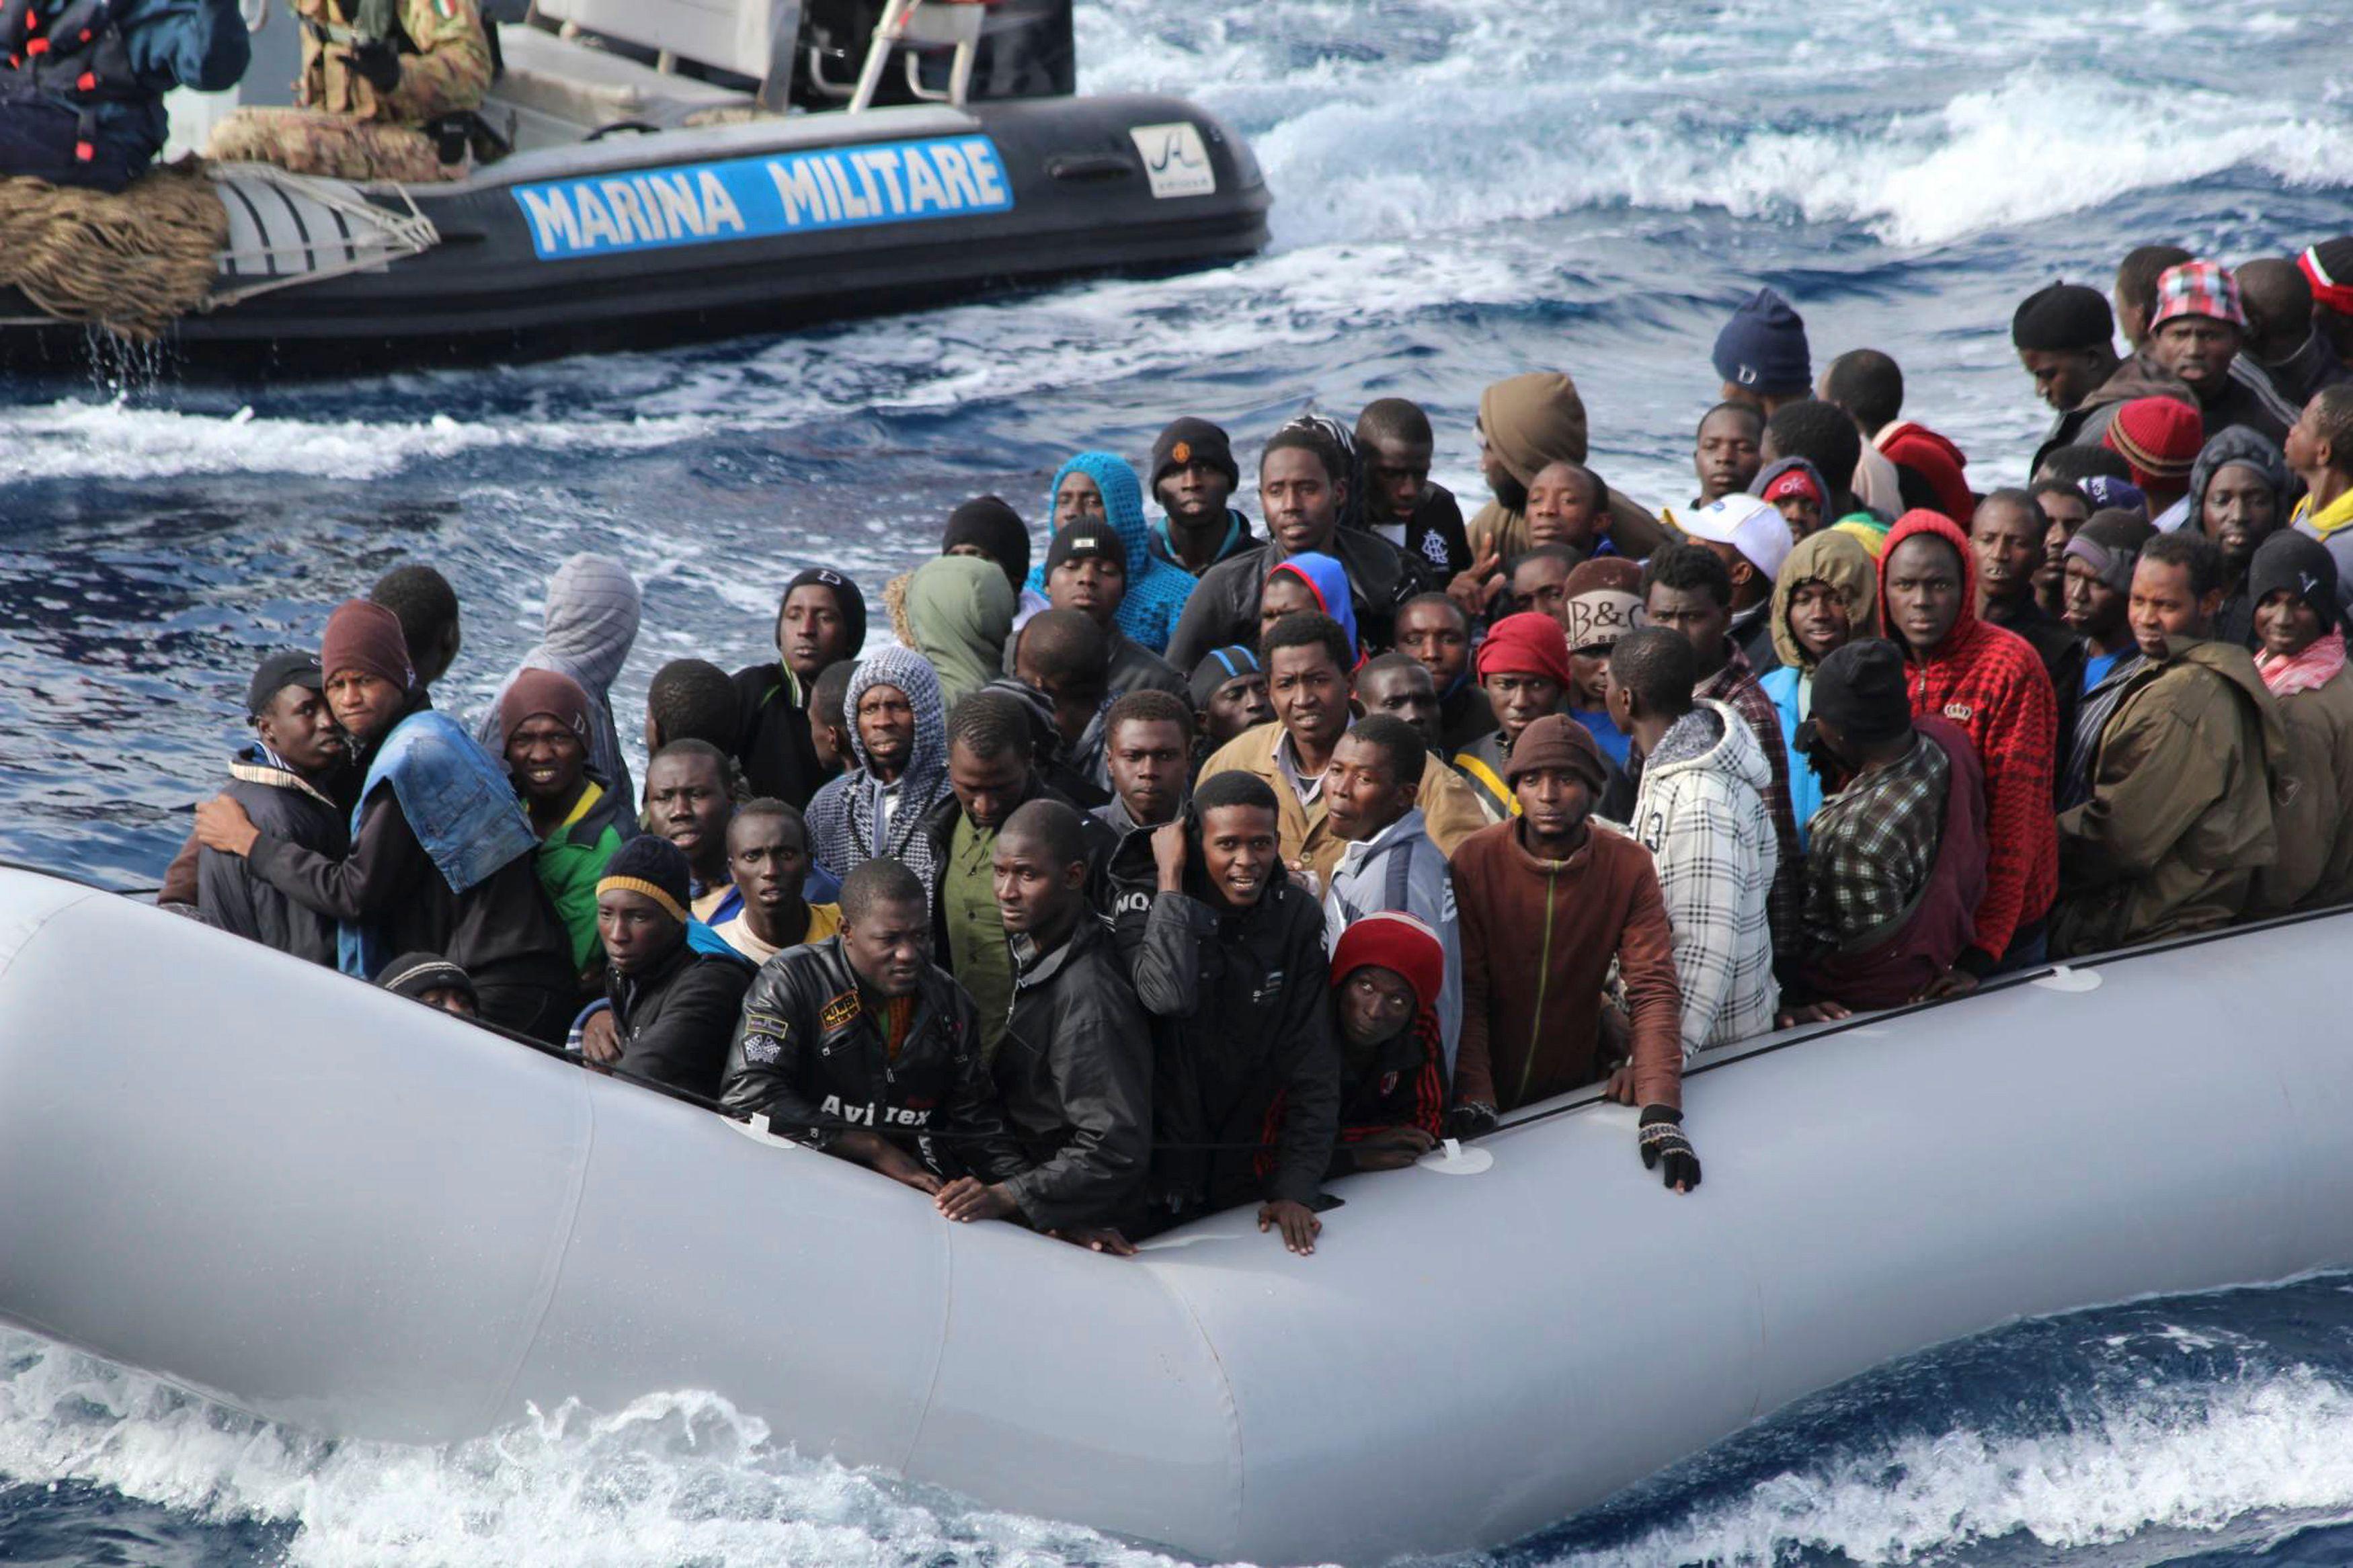 Les garde-côtes italiens font face à un afflux massif de migrants depuis quelques jours.